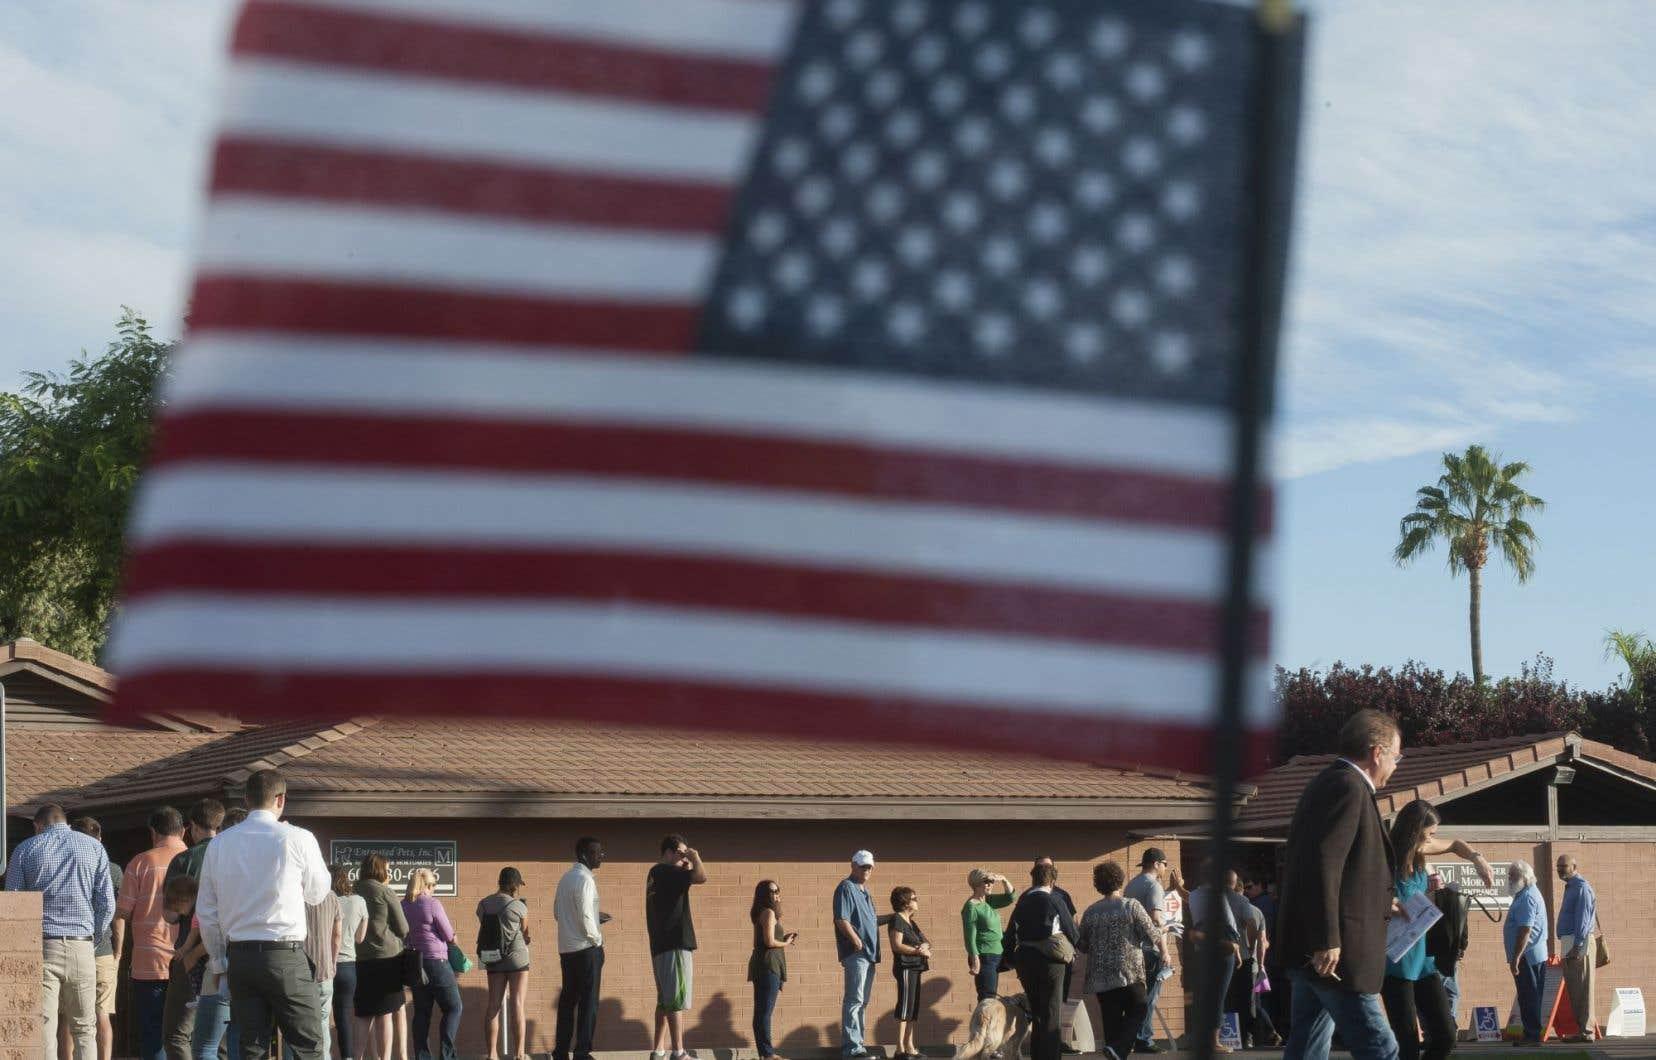 Les sondages à la sortie des bureaux de vote sont assez révélateurs et historiquement assez fiables, selon les experts consultés.